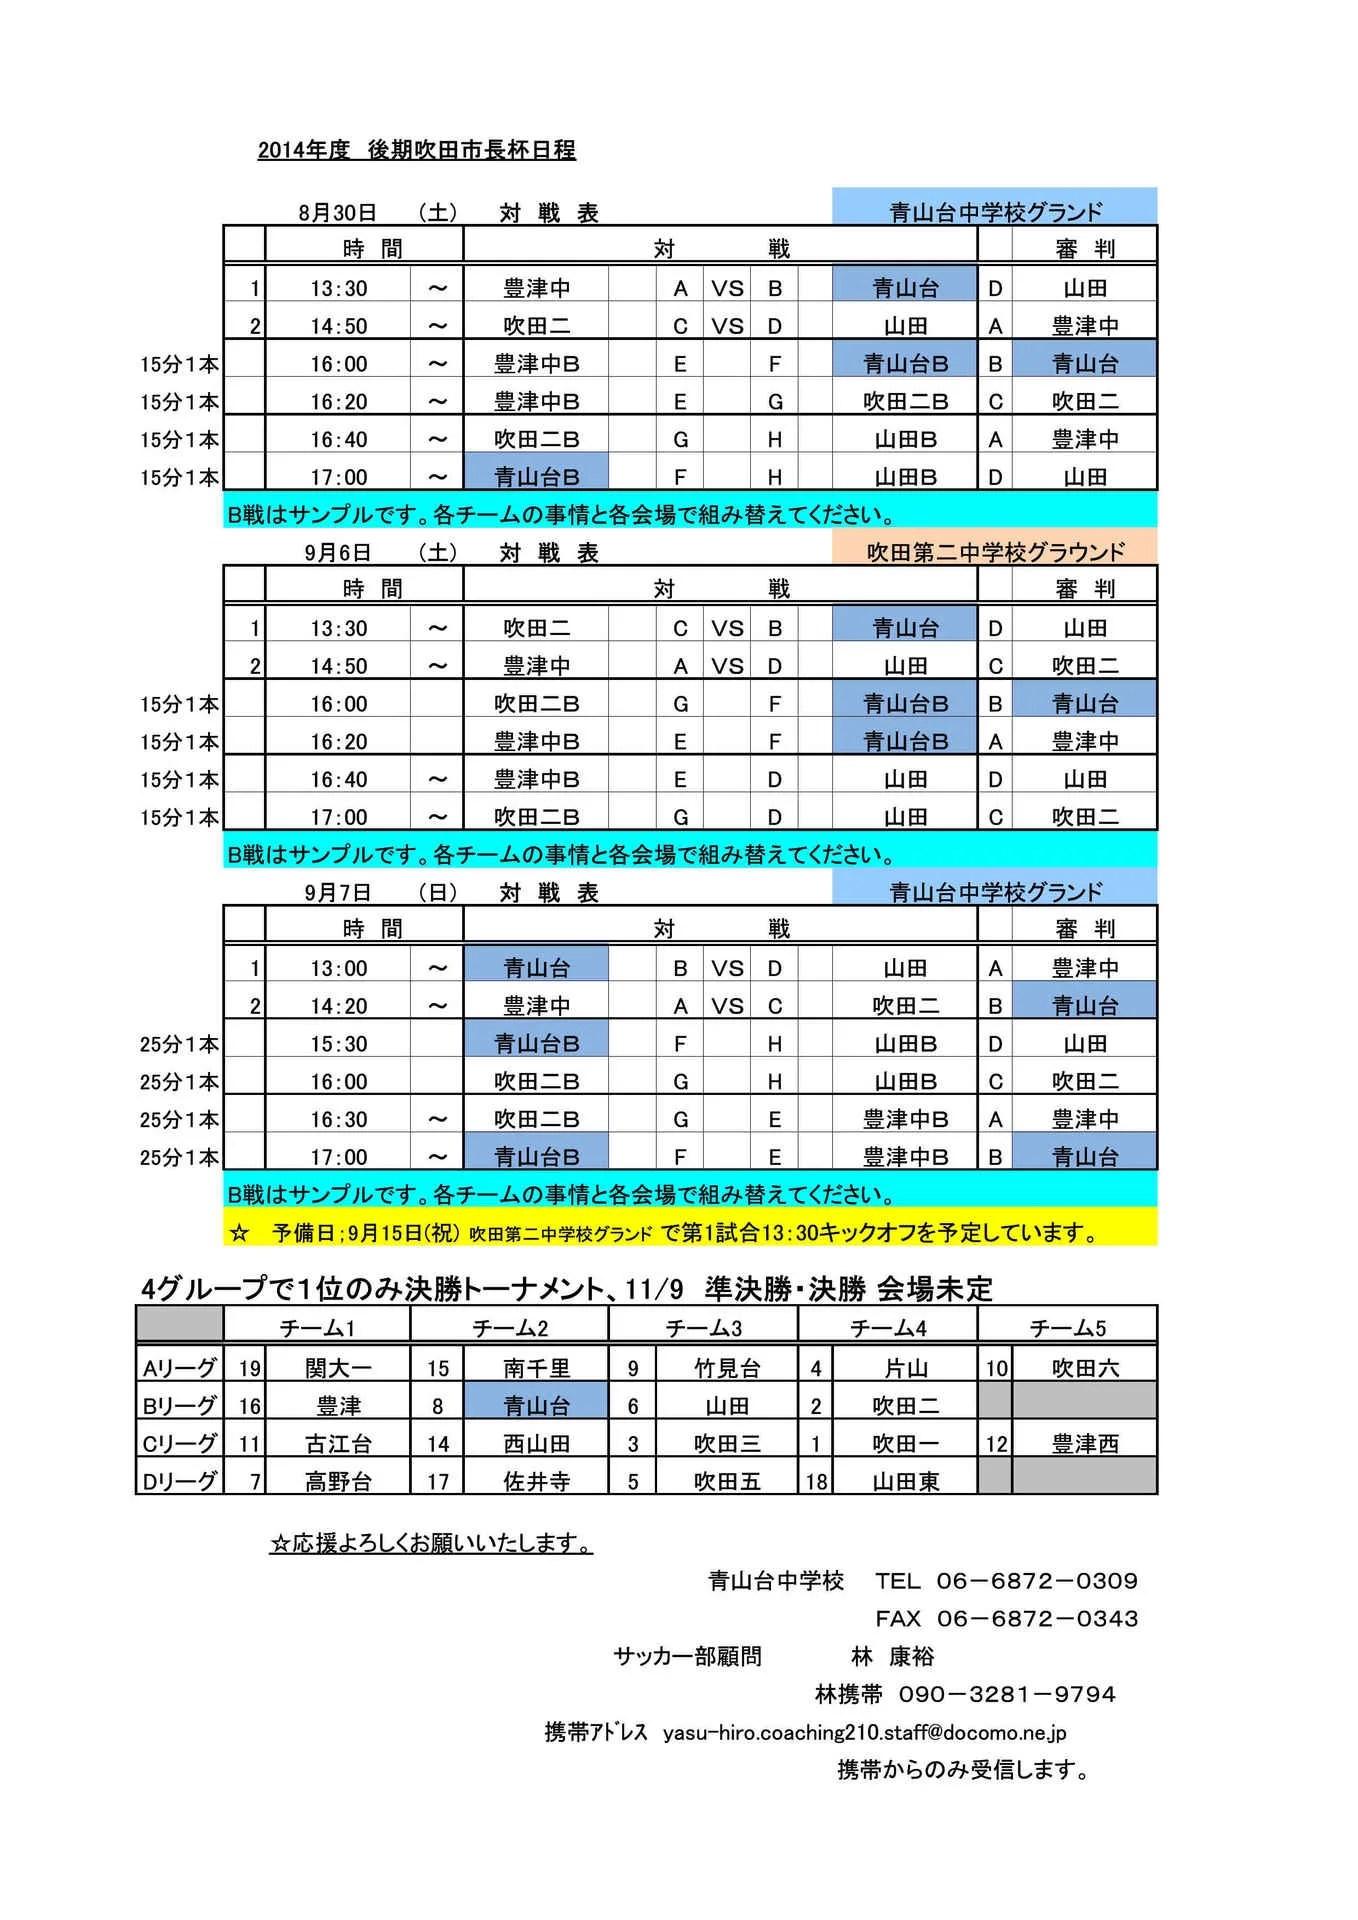 後期市長杯2014 - 青山臺中サッカー部保護者會ブログ